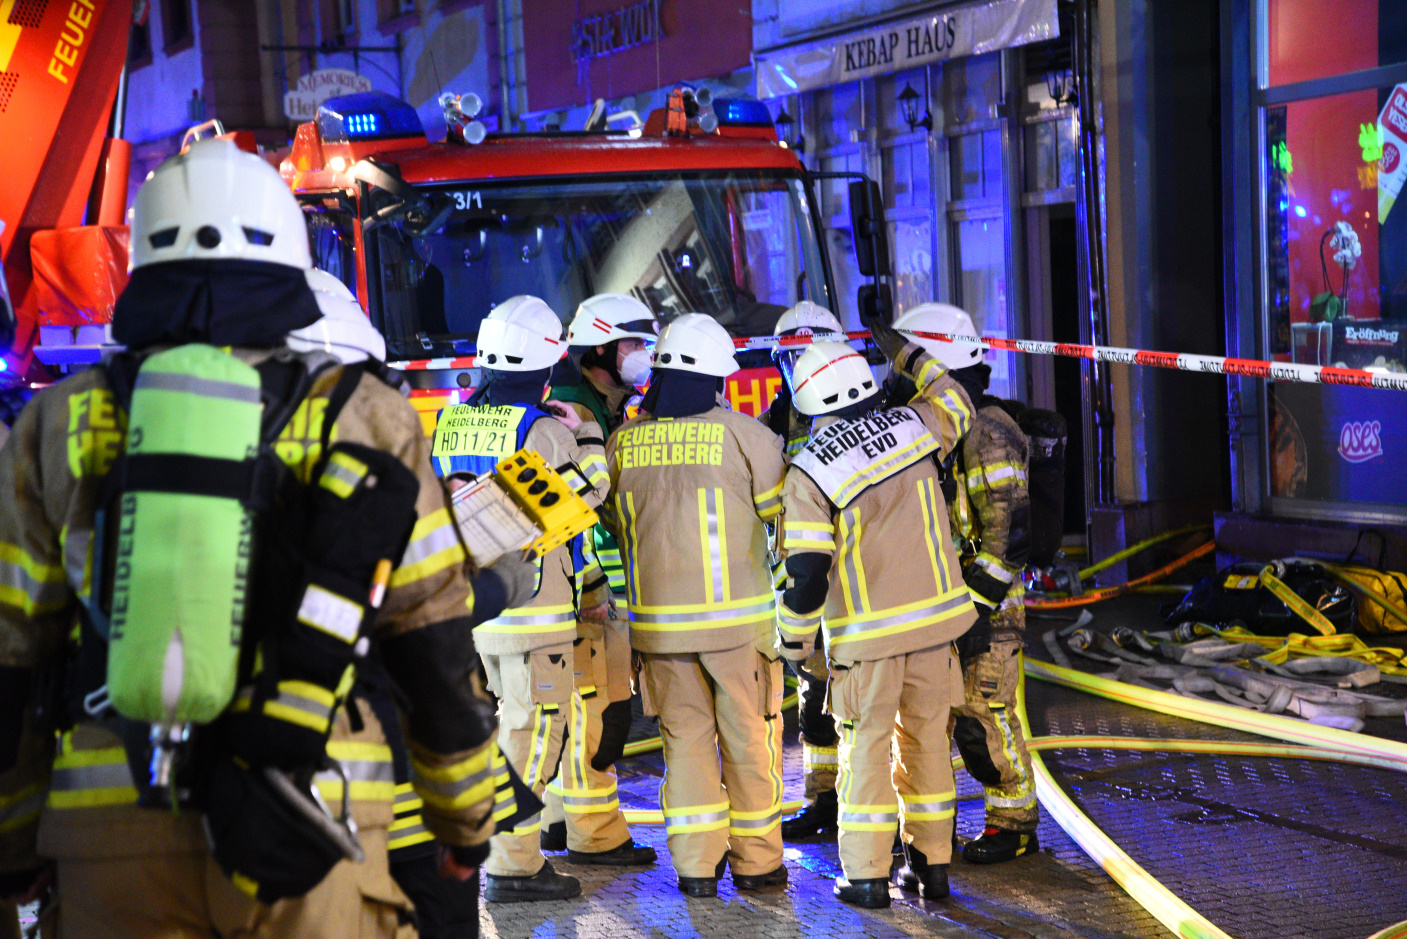 Heidelberg: Brand in Heidelberger Altstadt - Brandhaus einsturzgefährdet-Ermittlungen dadurch verzögert